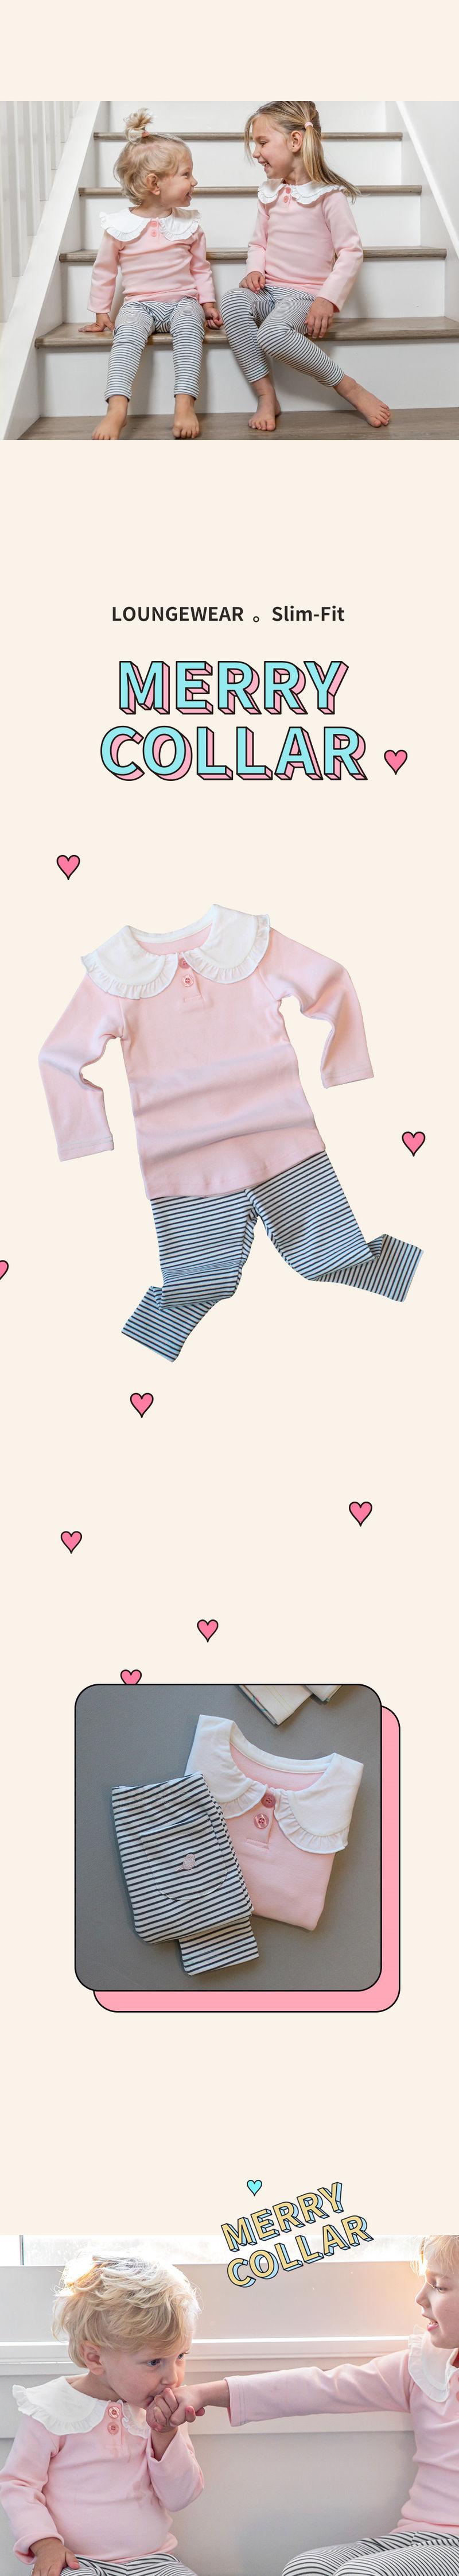 KOKACHARM - Korean Children Fashion - #Kfashion4kids - Merry Collar Loungewear